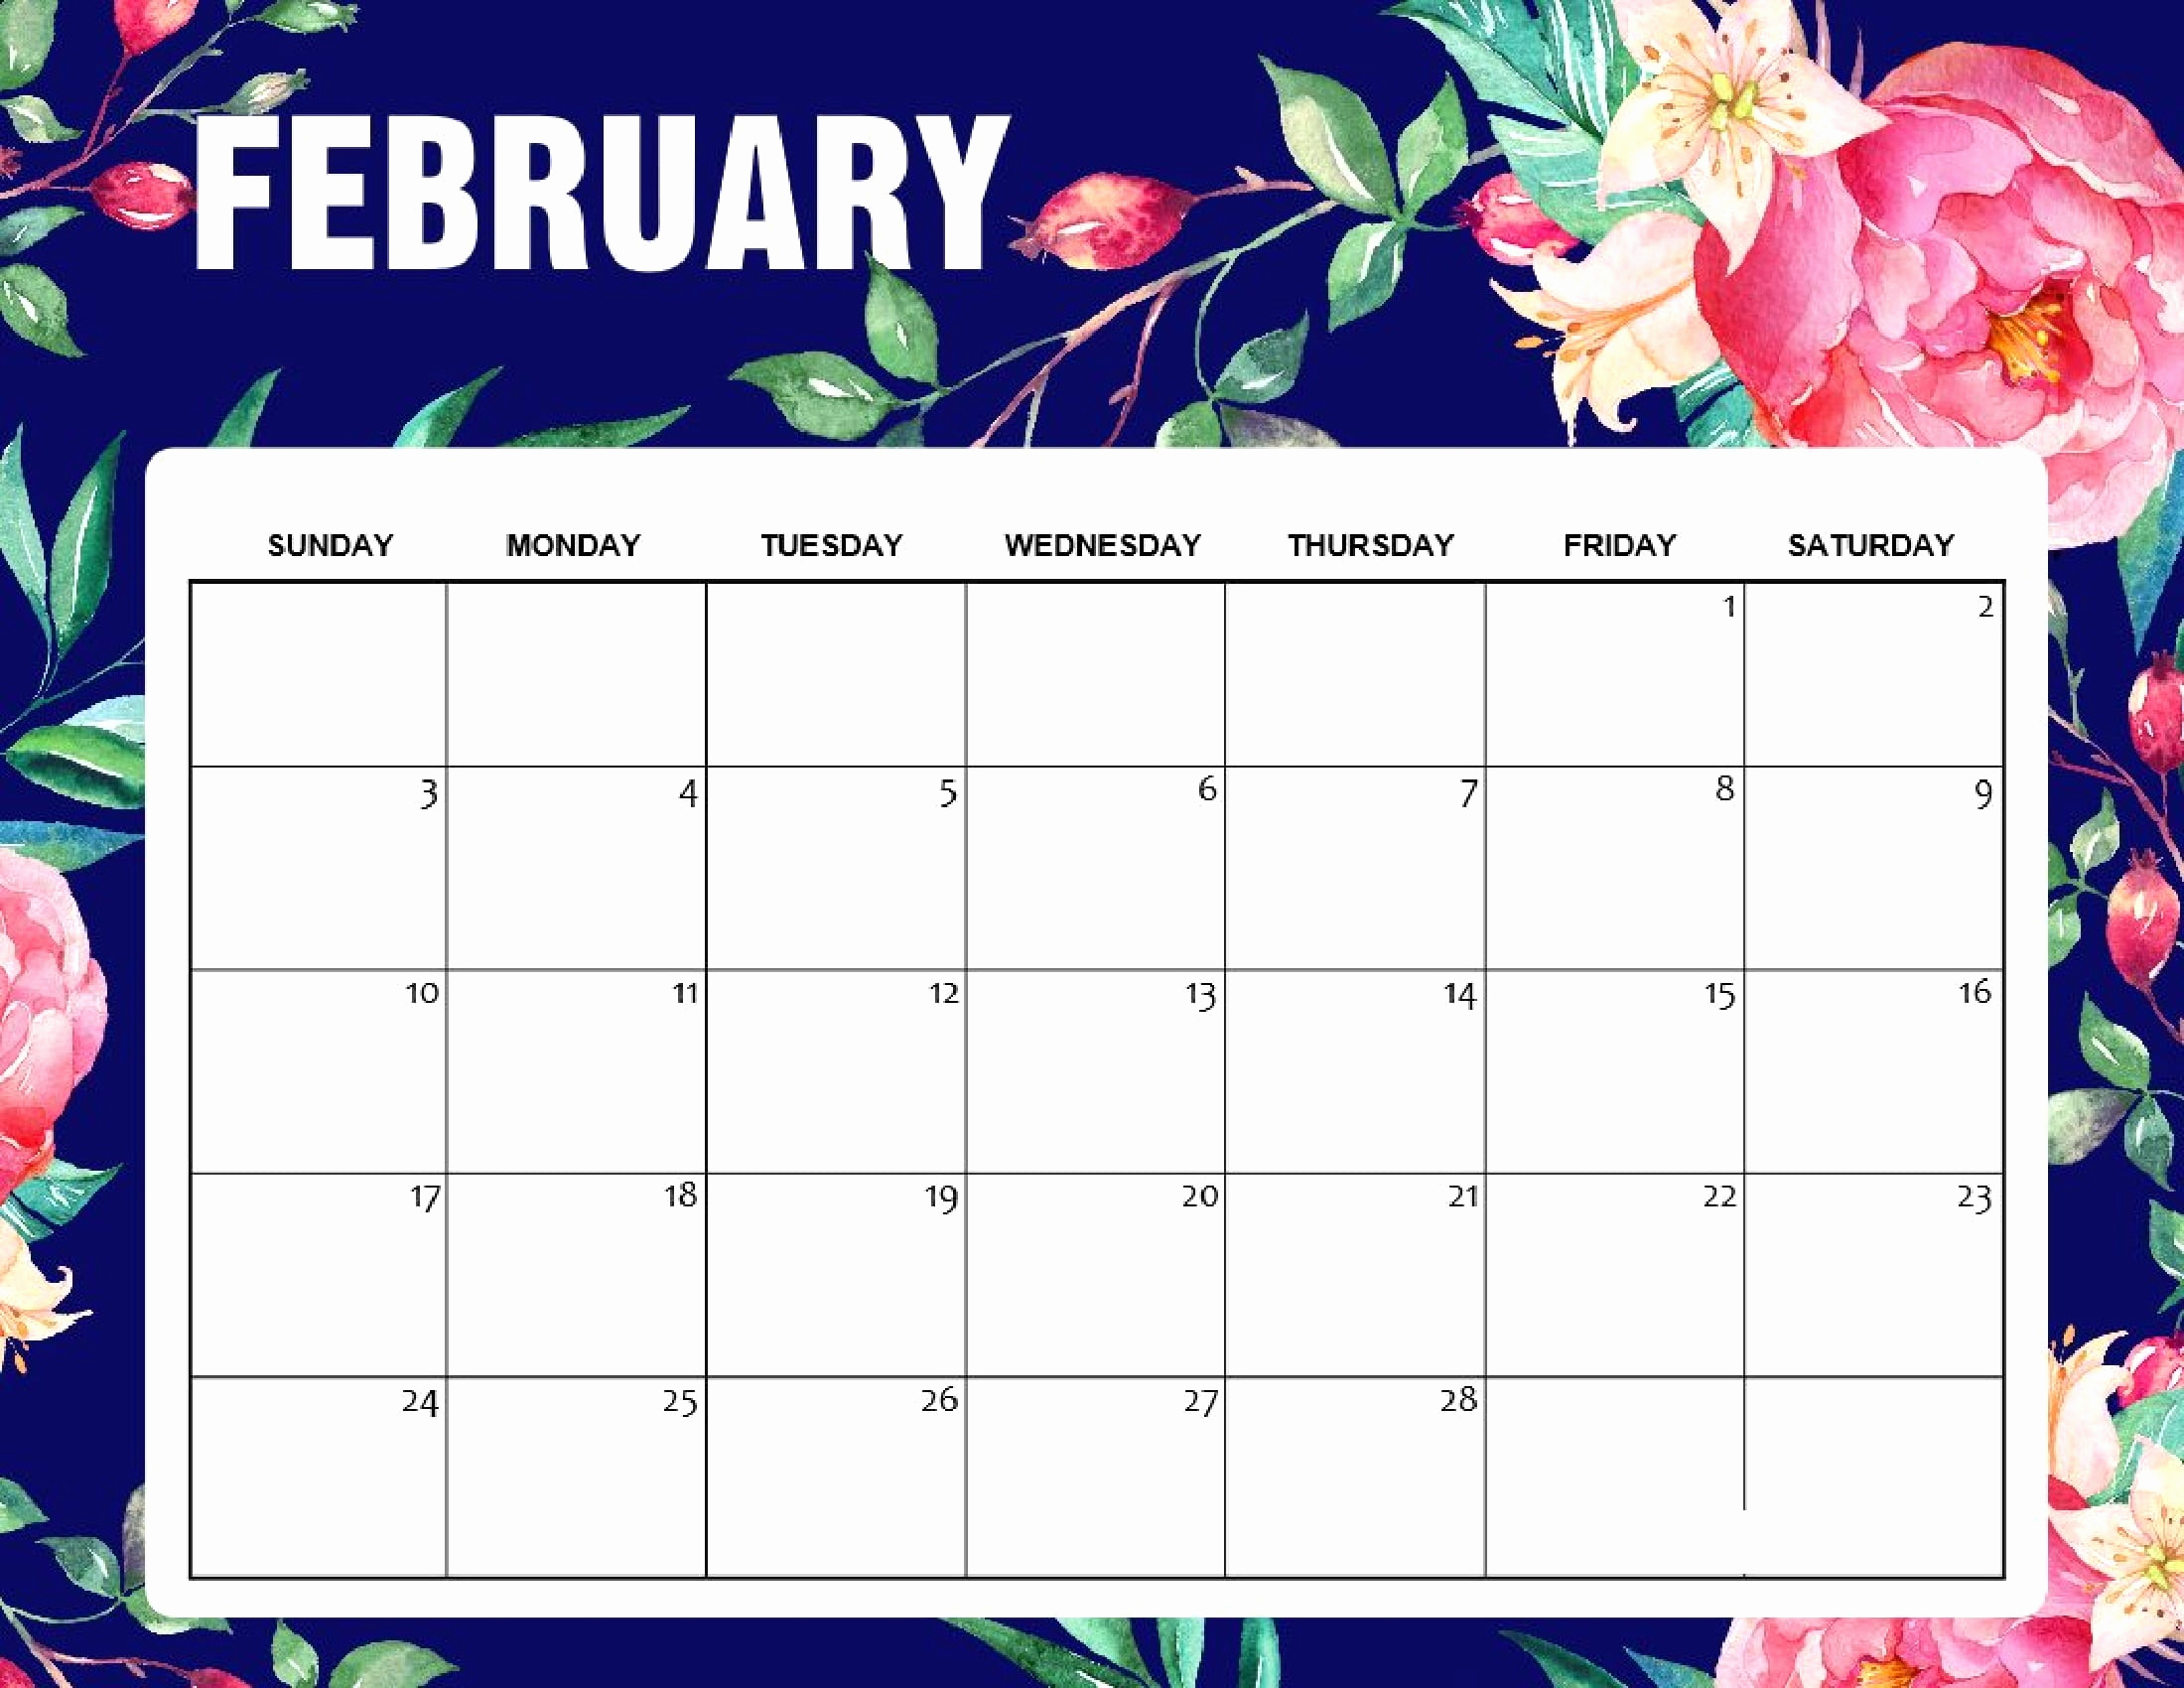 Free Download Desktop Wallpaper Calendar 2019 2020 2 February 2019 July 2018 2200x1700 For Your Desktop Mobile Tablet Explore 50 July 2020 Calendar Wallpapers July 2020 Calendar Wallpapers July Calendar Wallpaper Calendar 2020 Wallpapers